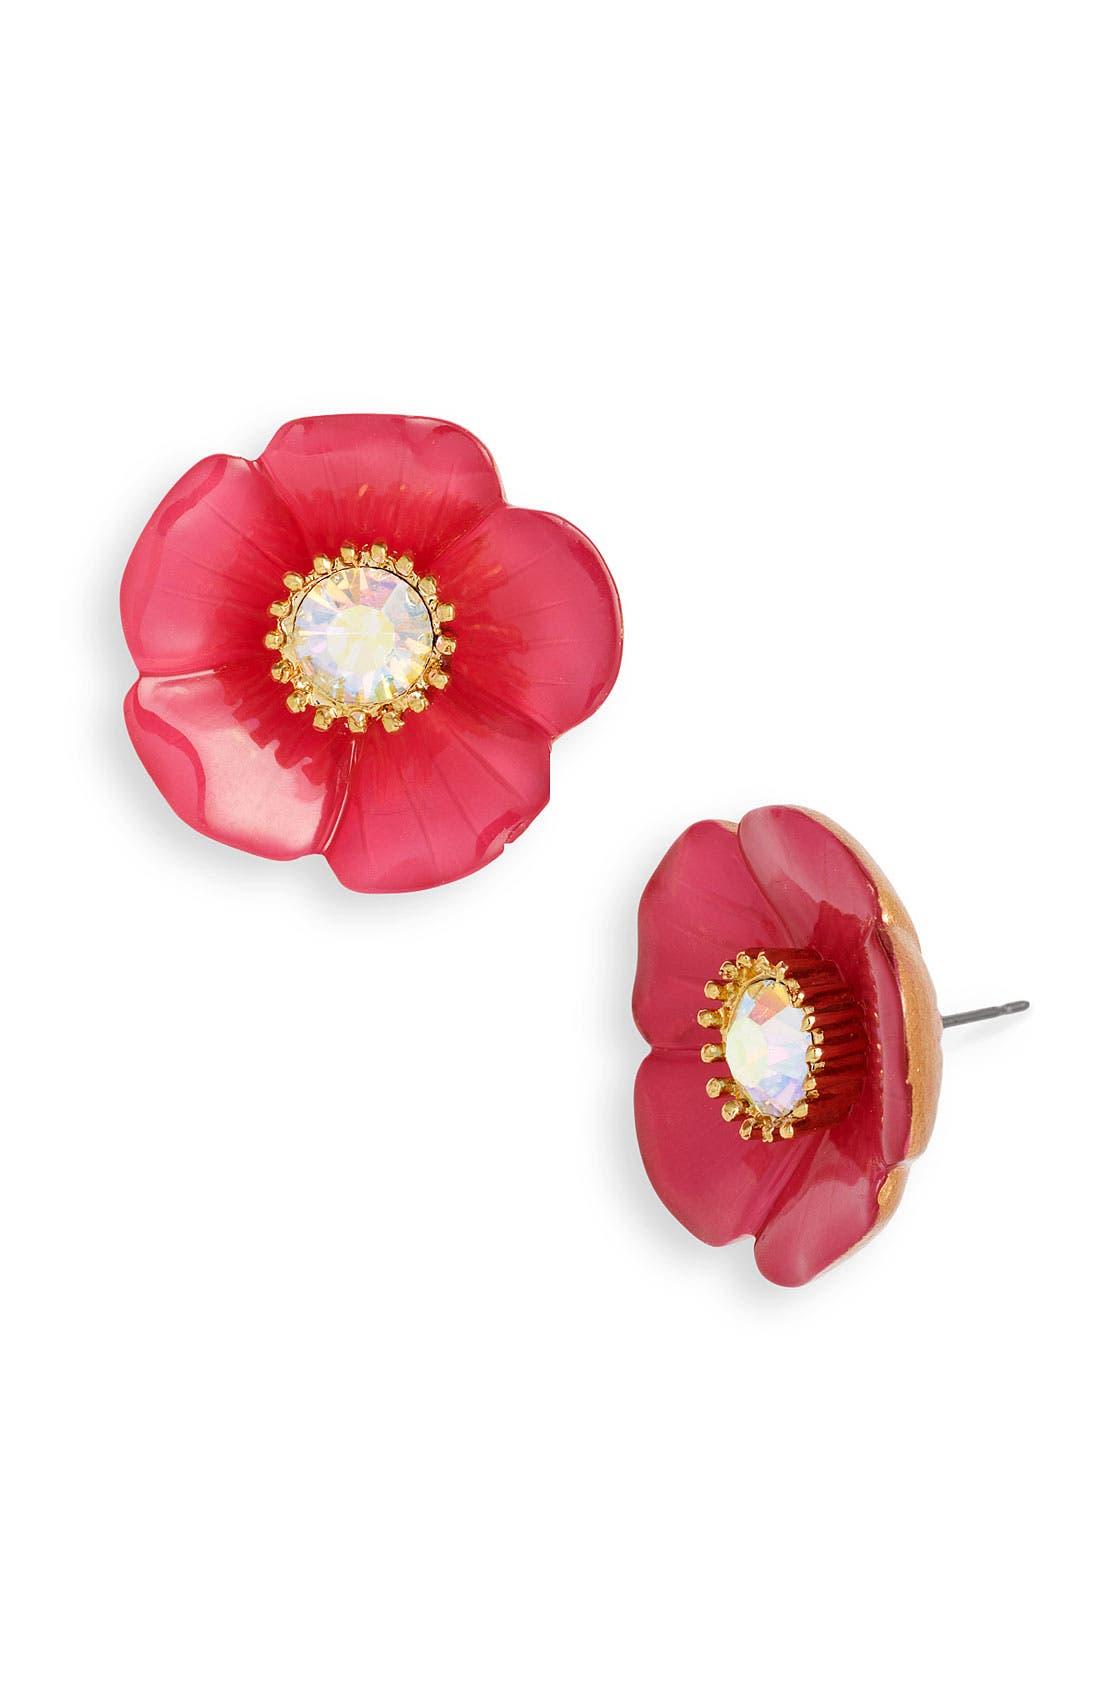 Main Image - Betsey Johnson 'Secret Garden' Flower Stud Earrings